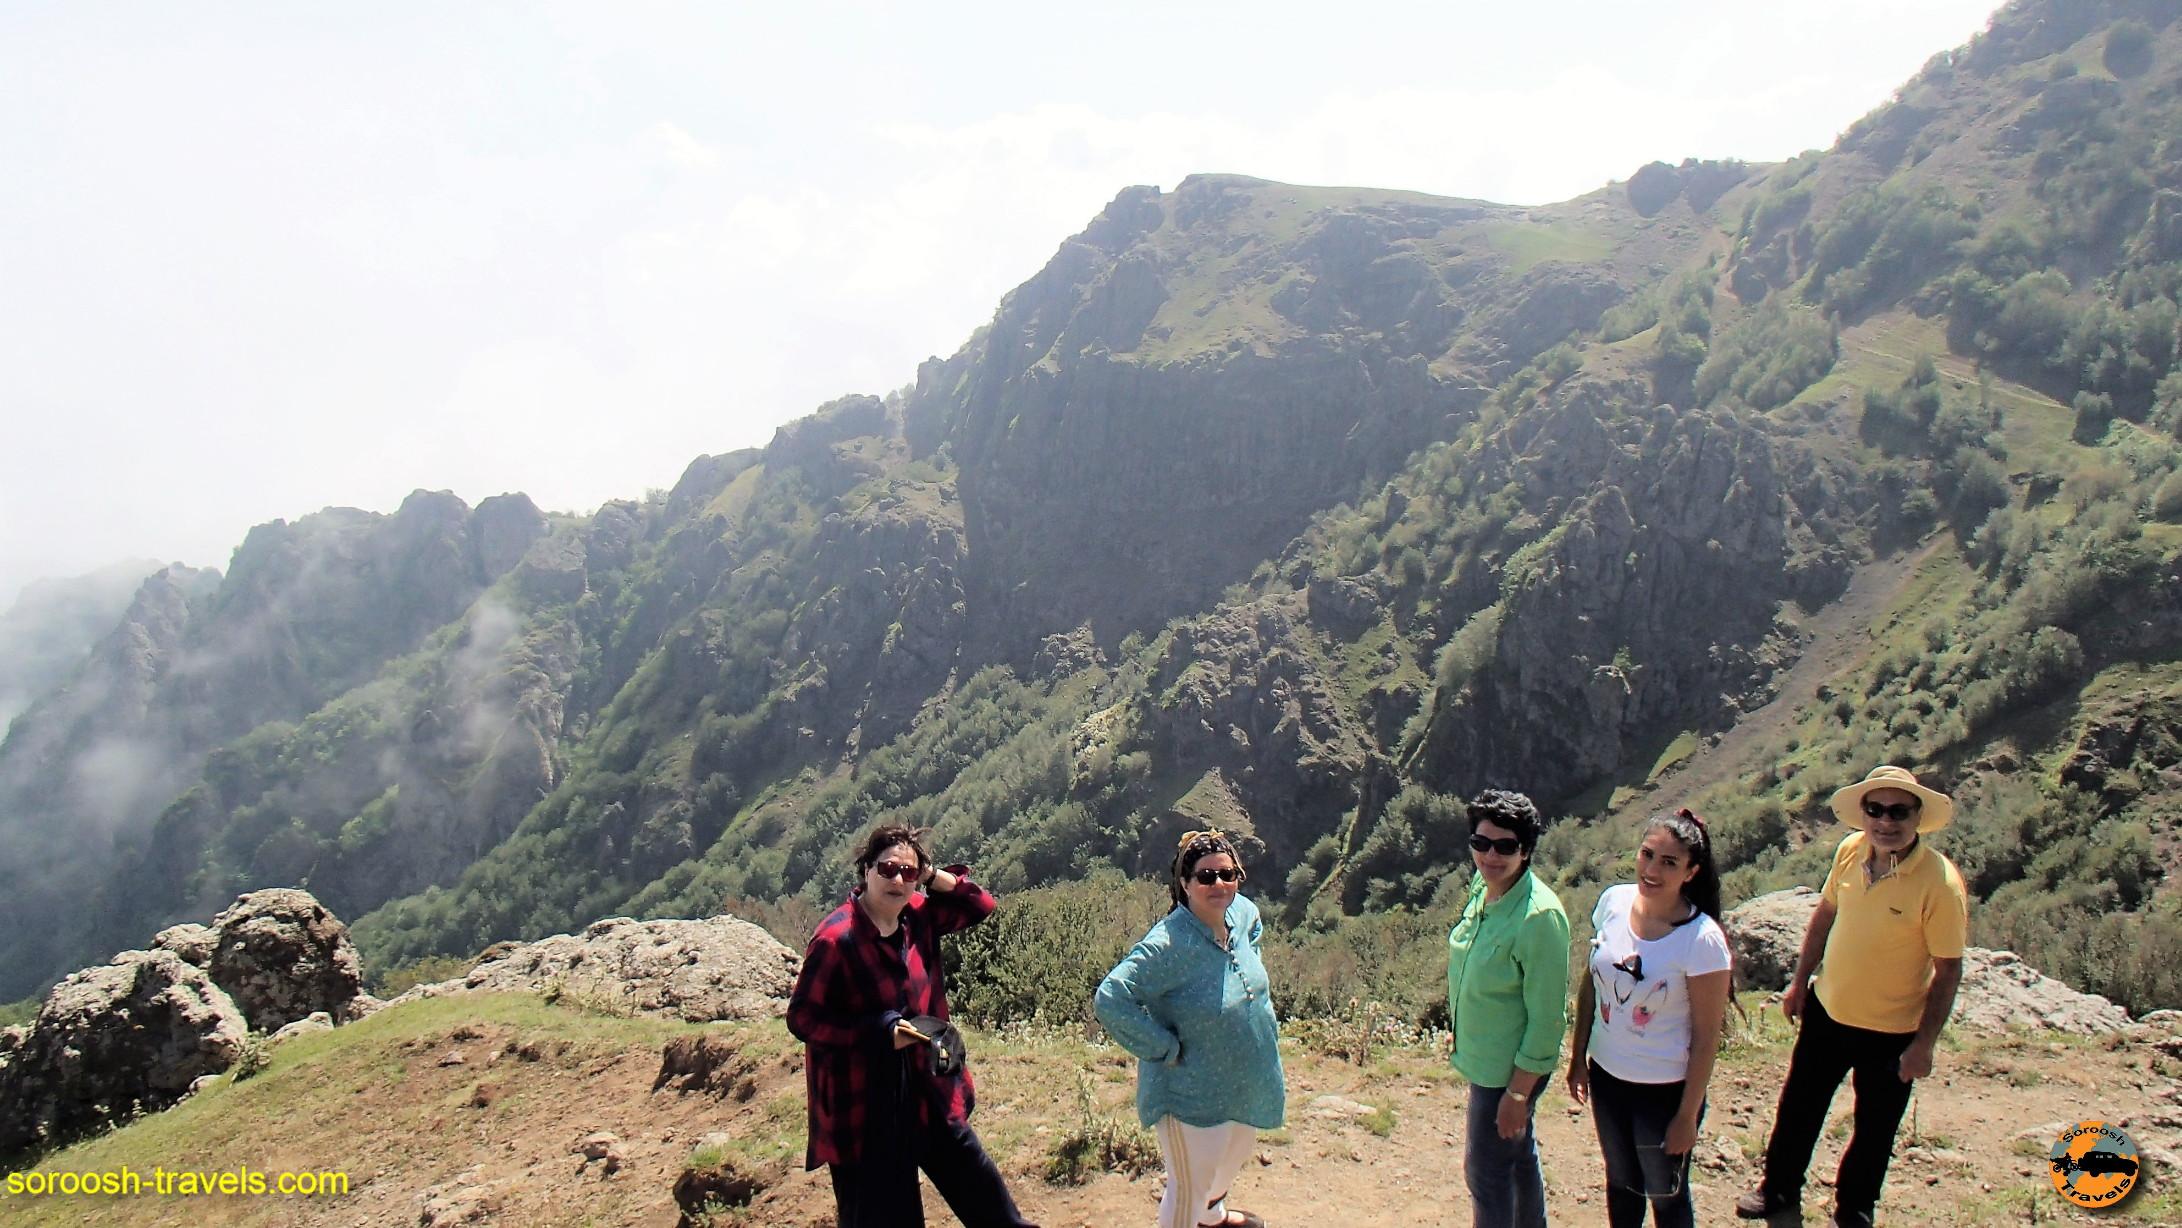 کمپ در ارتفاعات سوها - تابستان ۱۳۹۶